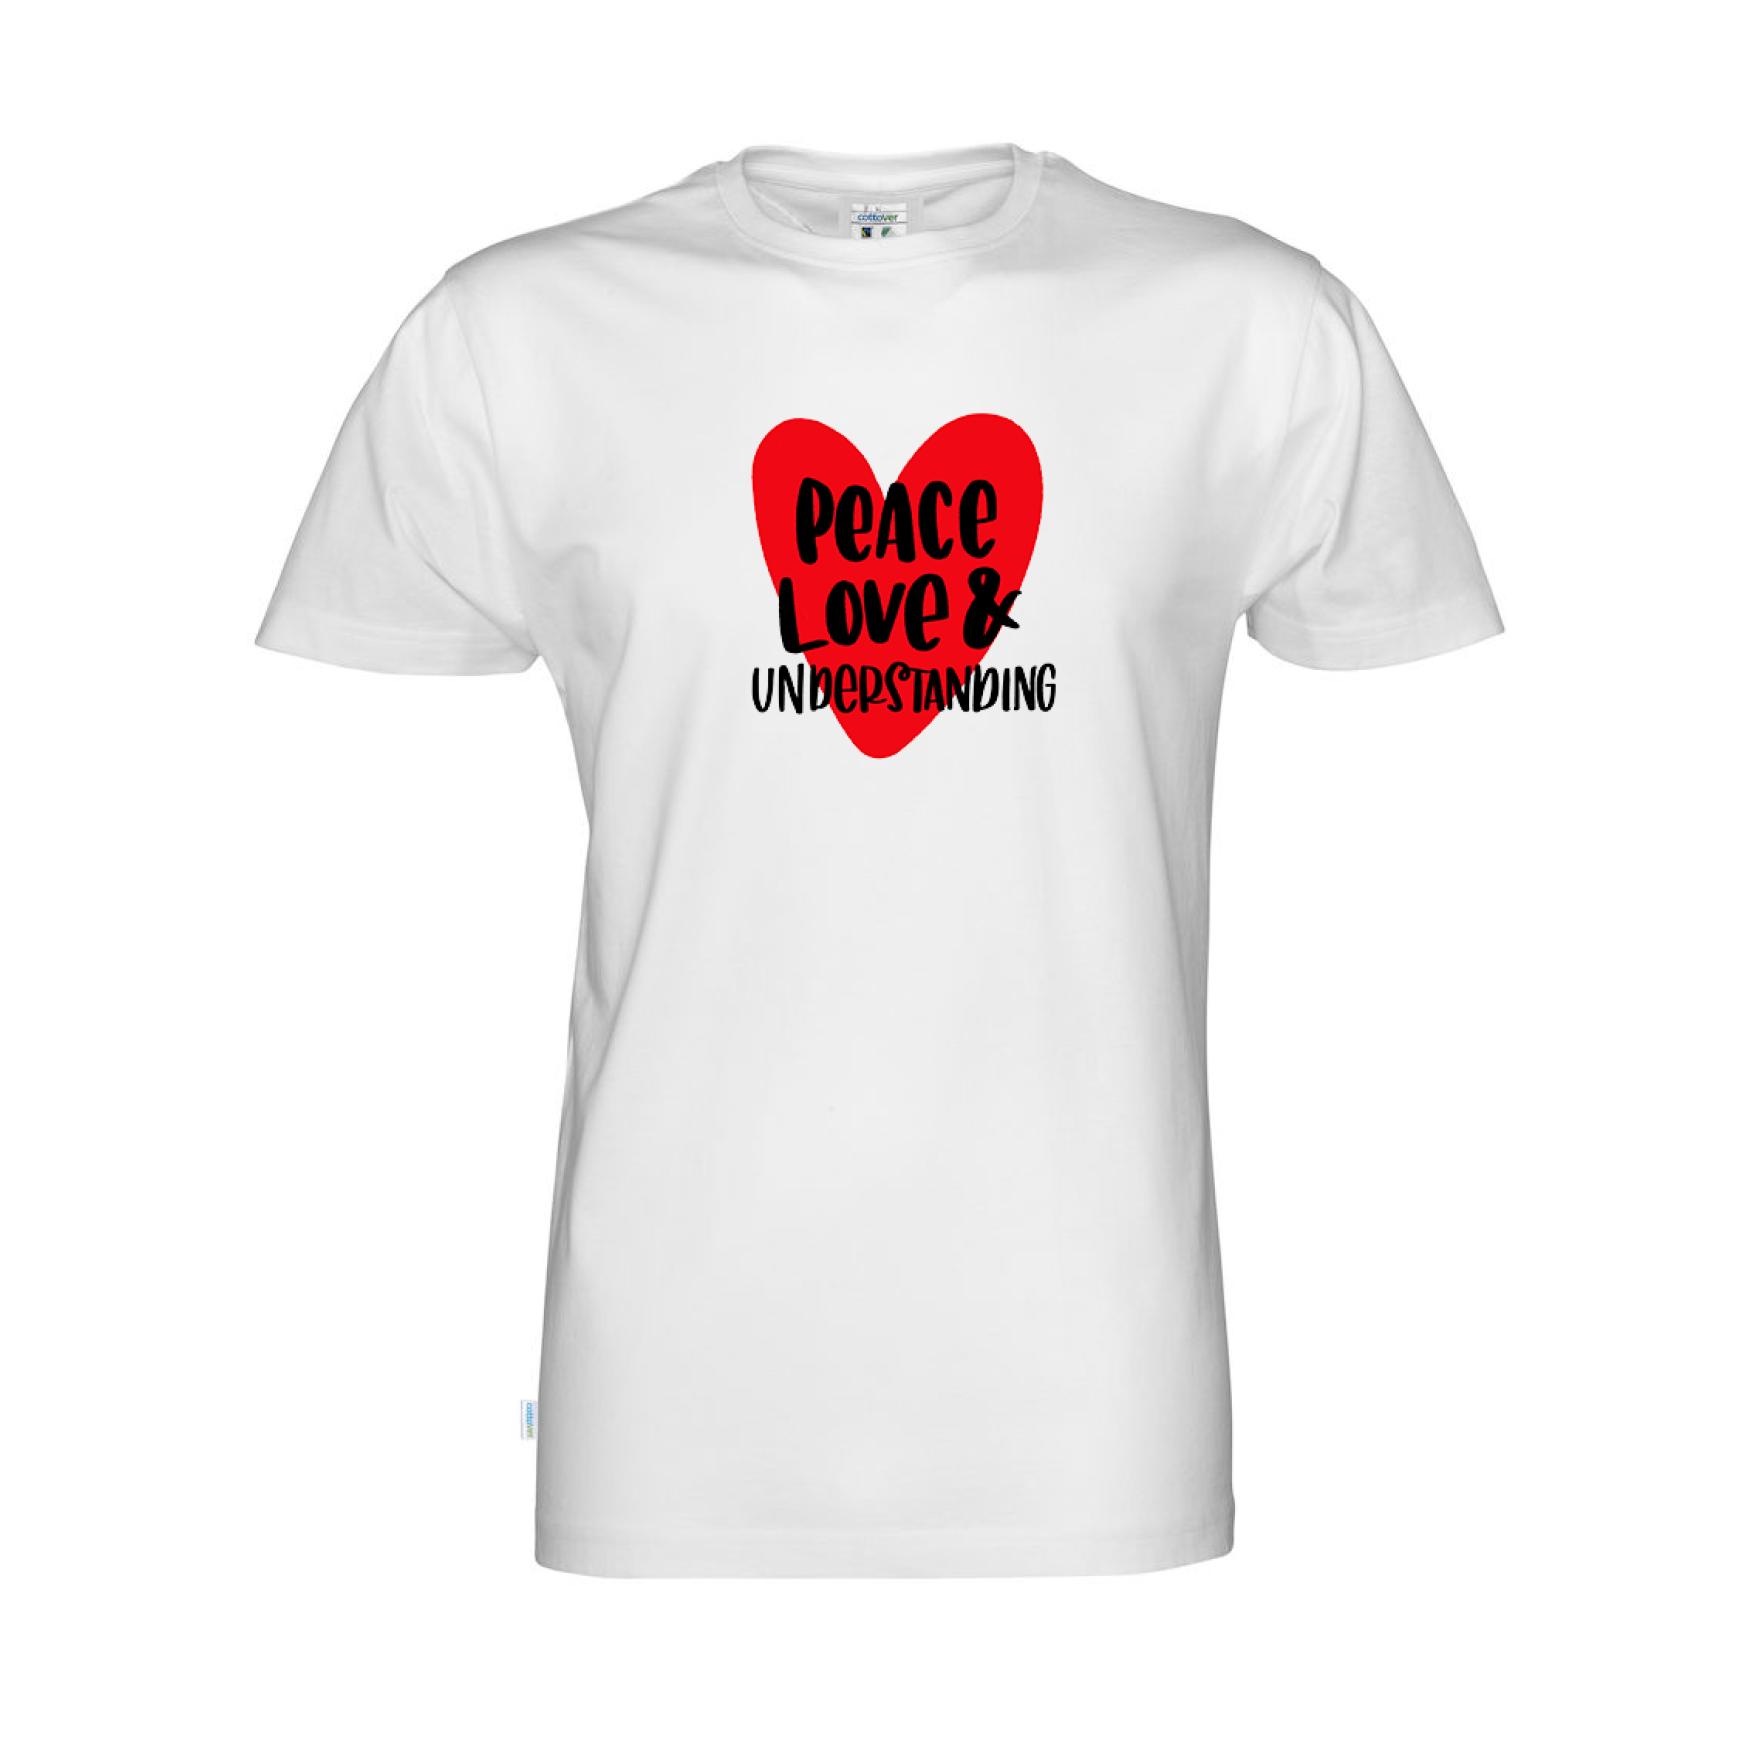 T-shirt dam, Peace, love & understanding